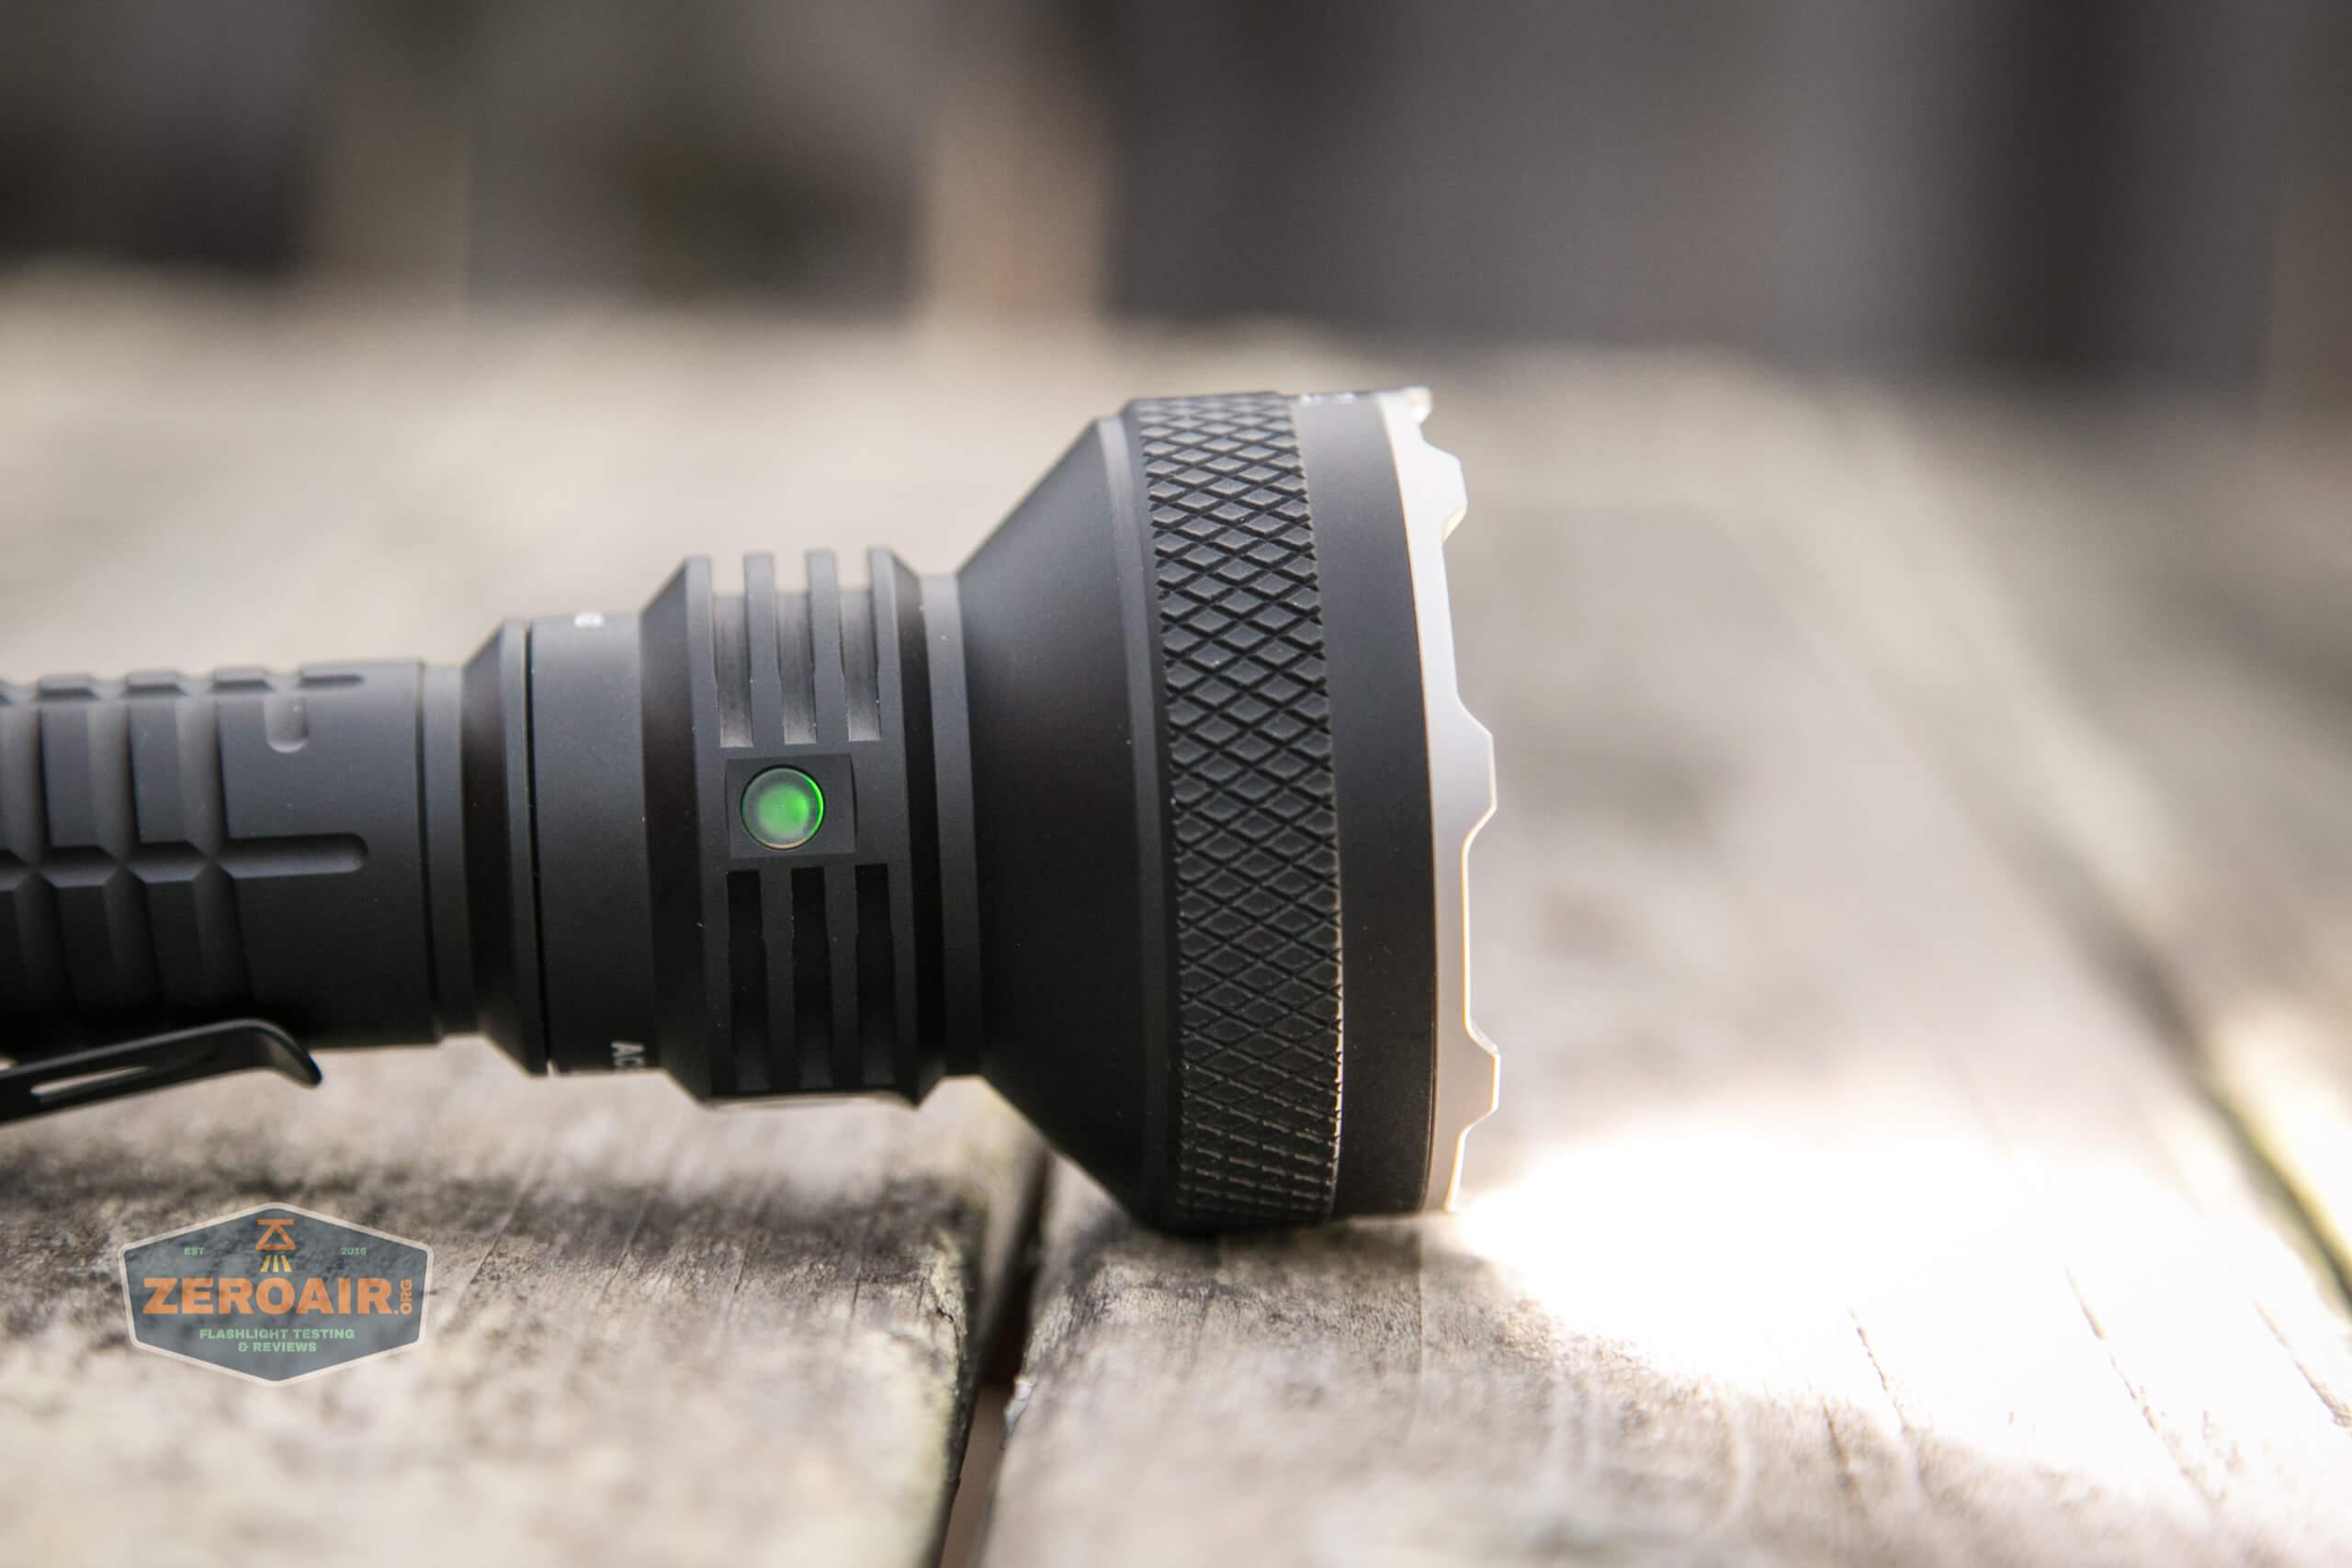 acebeam l35 flashlight indicating led on side